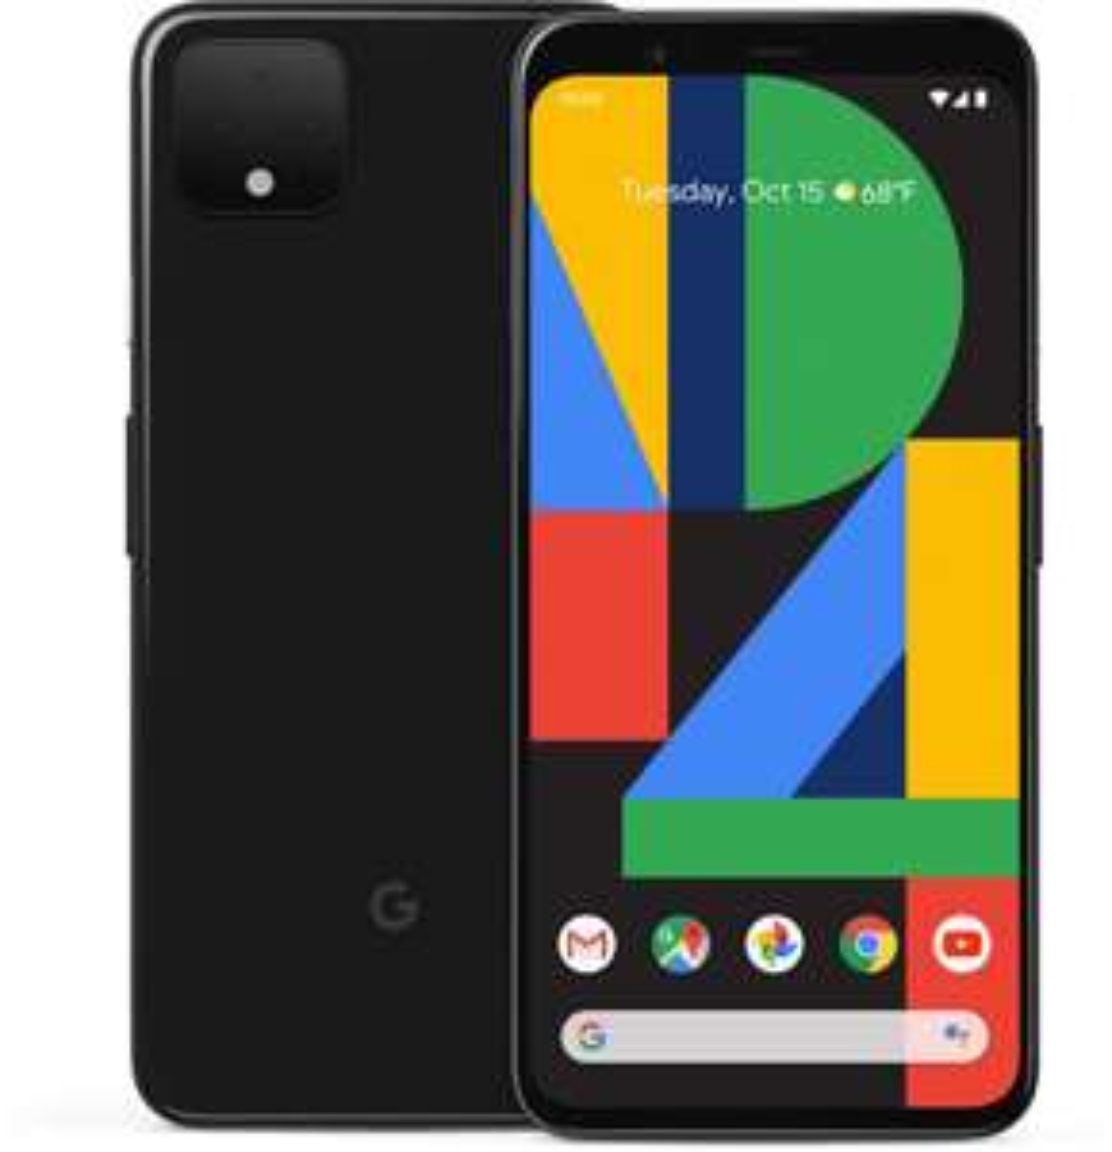 Google Pixel 4 schwarz und Panzerglasreiniger im Telekom Congstar (8GB LTE 25Mbit, Allnet/SMS) mtl. 20€ einm. 103,99€